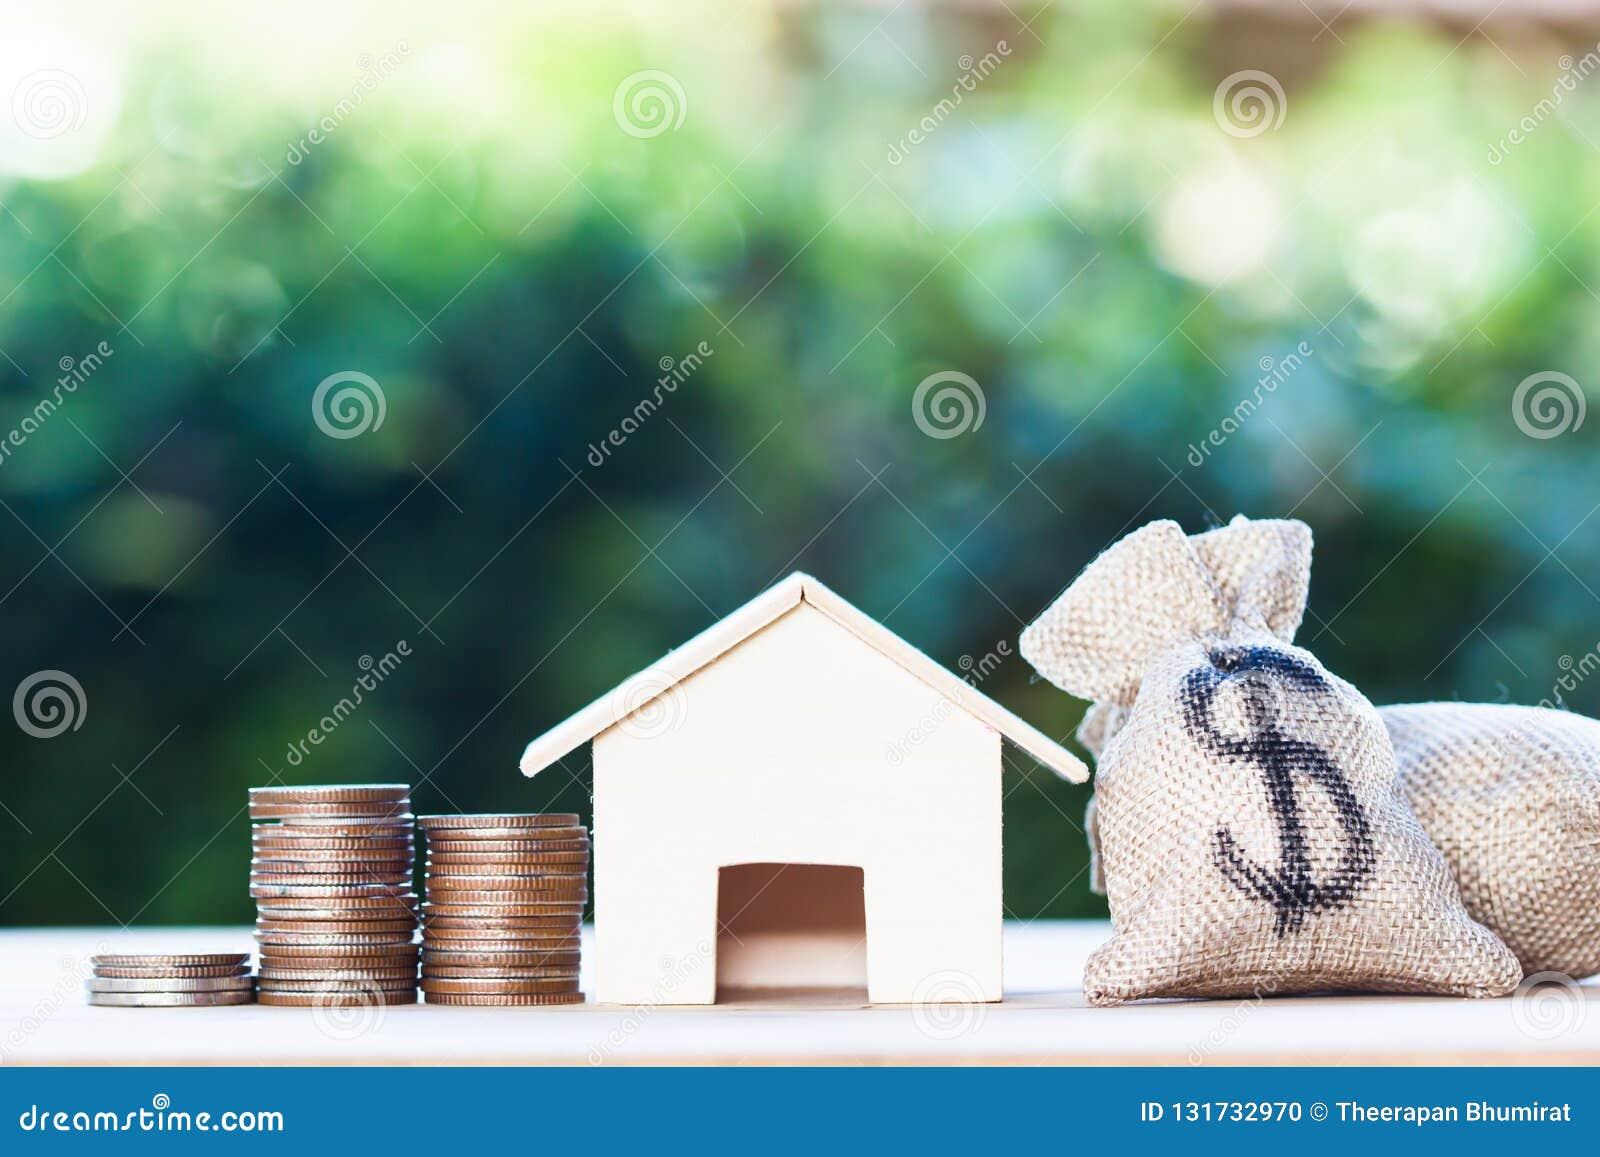 Prestito immobiliare, ipoteche, debito, soldi di risparmio per il concetto d acquisto domestico: Dollaro americano in una borsa d